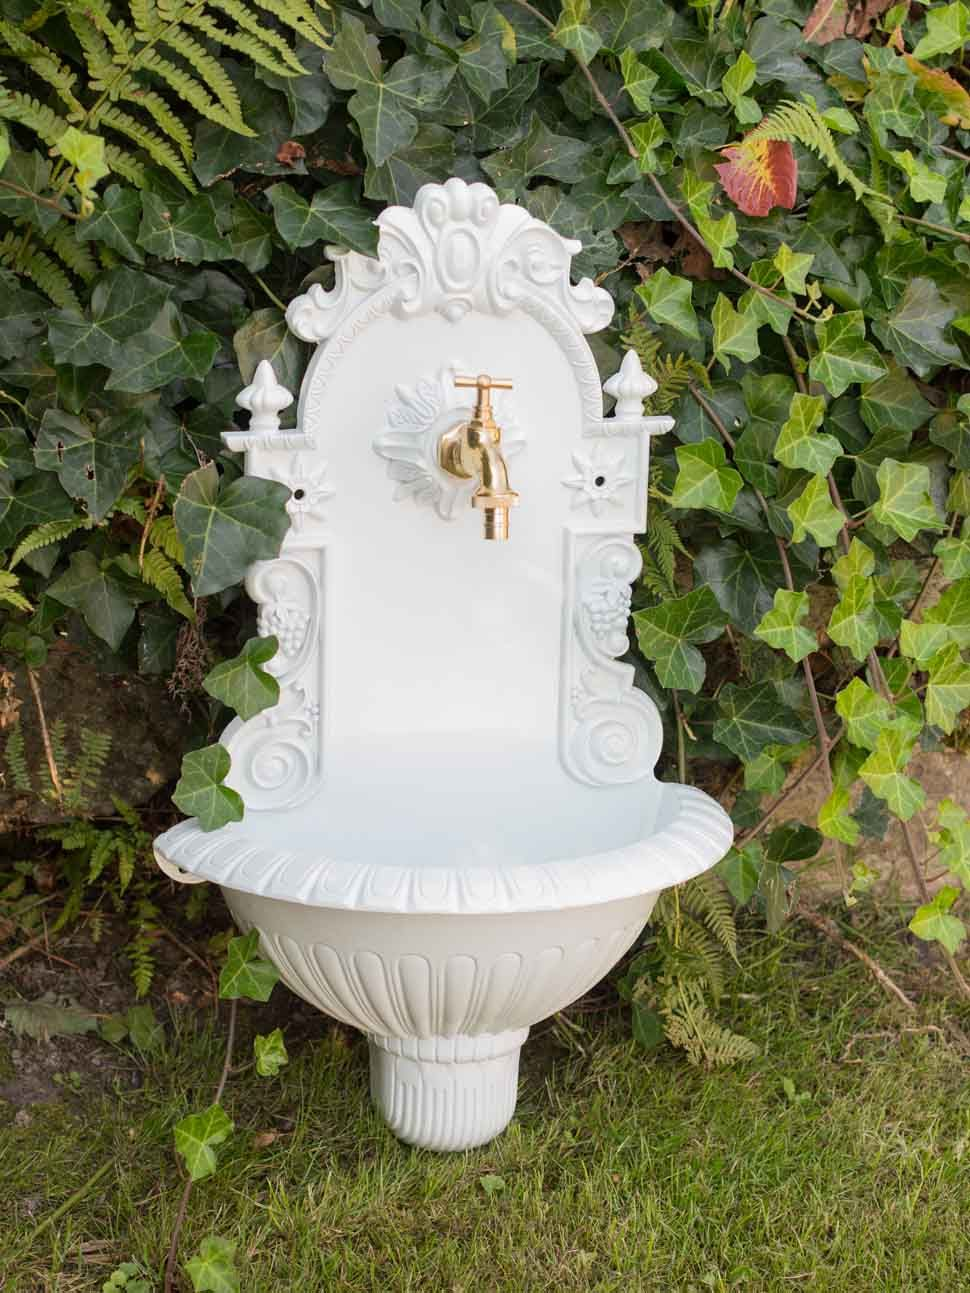 Perfekt Fur Ihr Zuhause Garten Balkon Oder Terasse Atemberaubend Wunderschoner Waschbecken Aus Aluminiumguss Fur Die Wall Fountain Fountain Garden Fountains